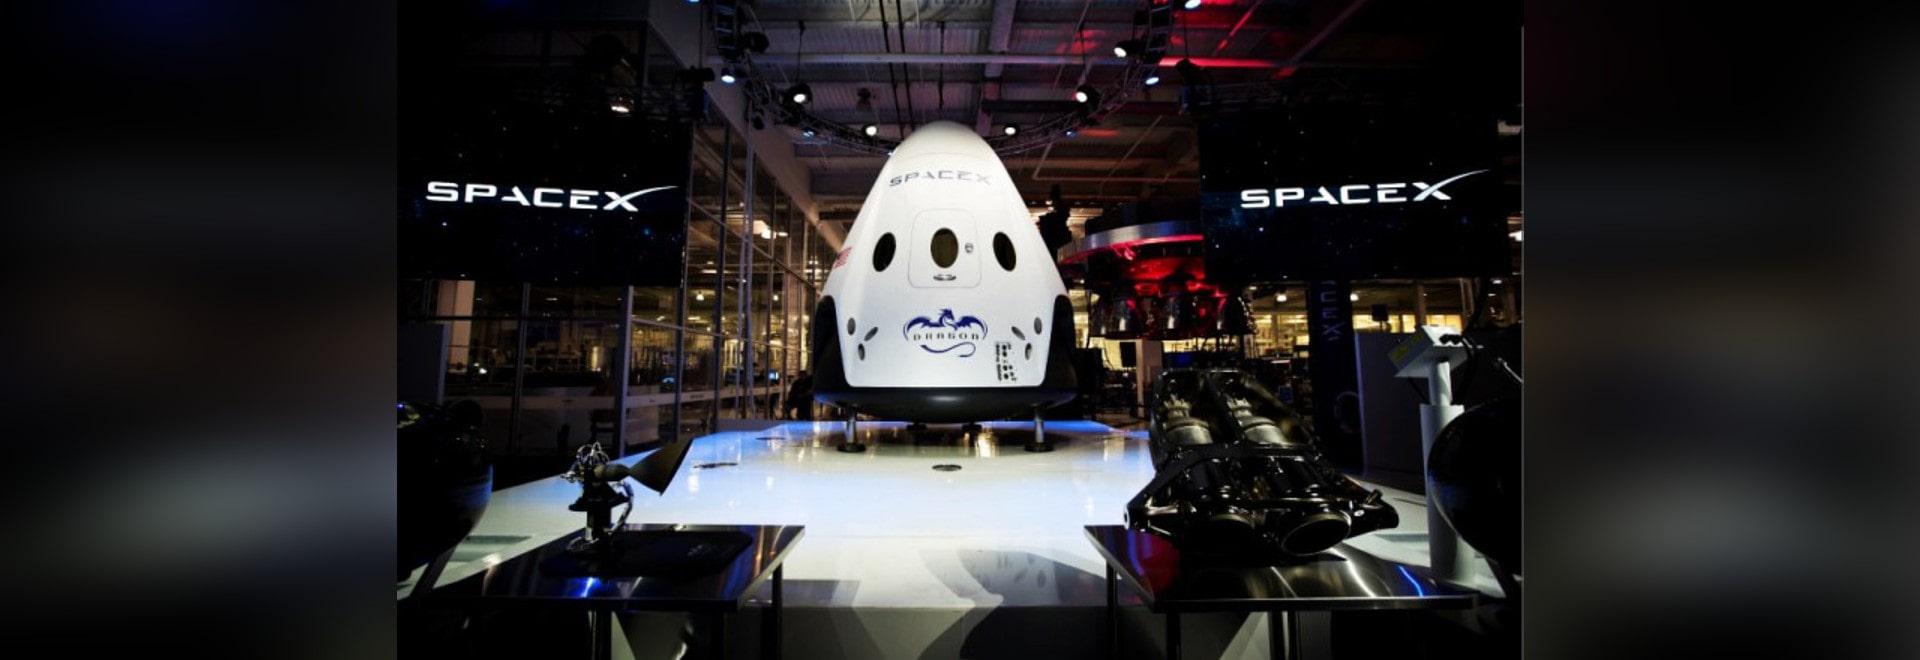 SPACEX DÉVOILE LE VAISSEAU SPATIAL QUI PEUT VOLER À ET DE L'ESPACE